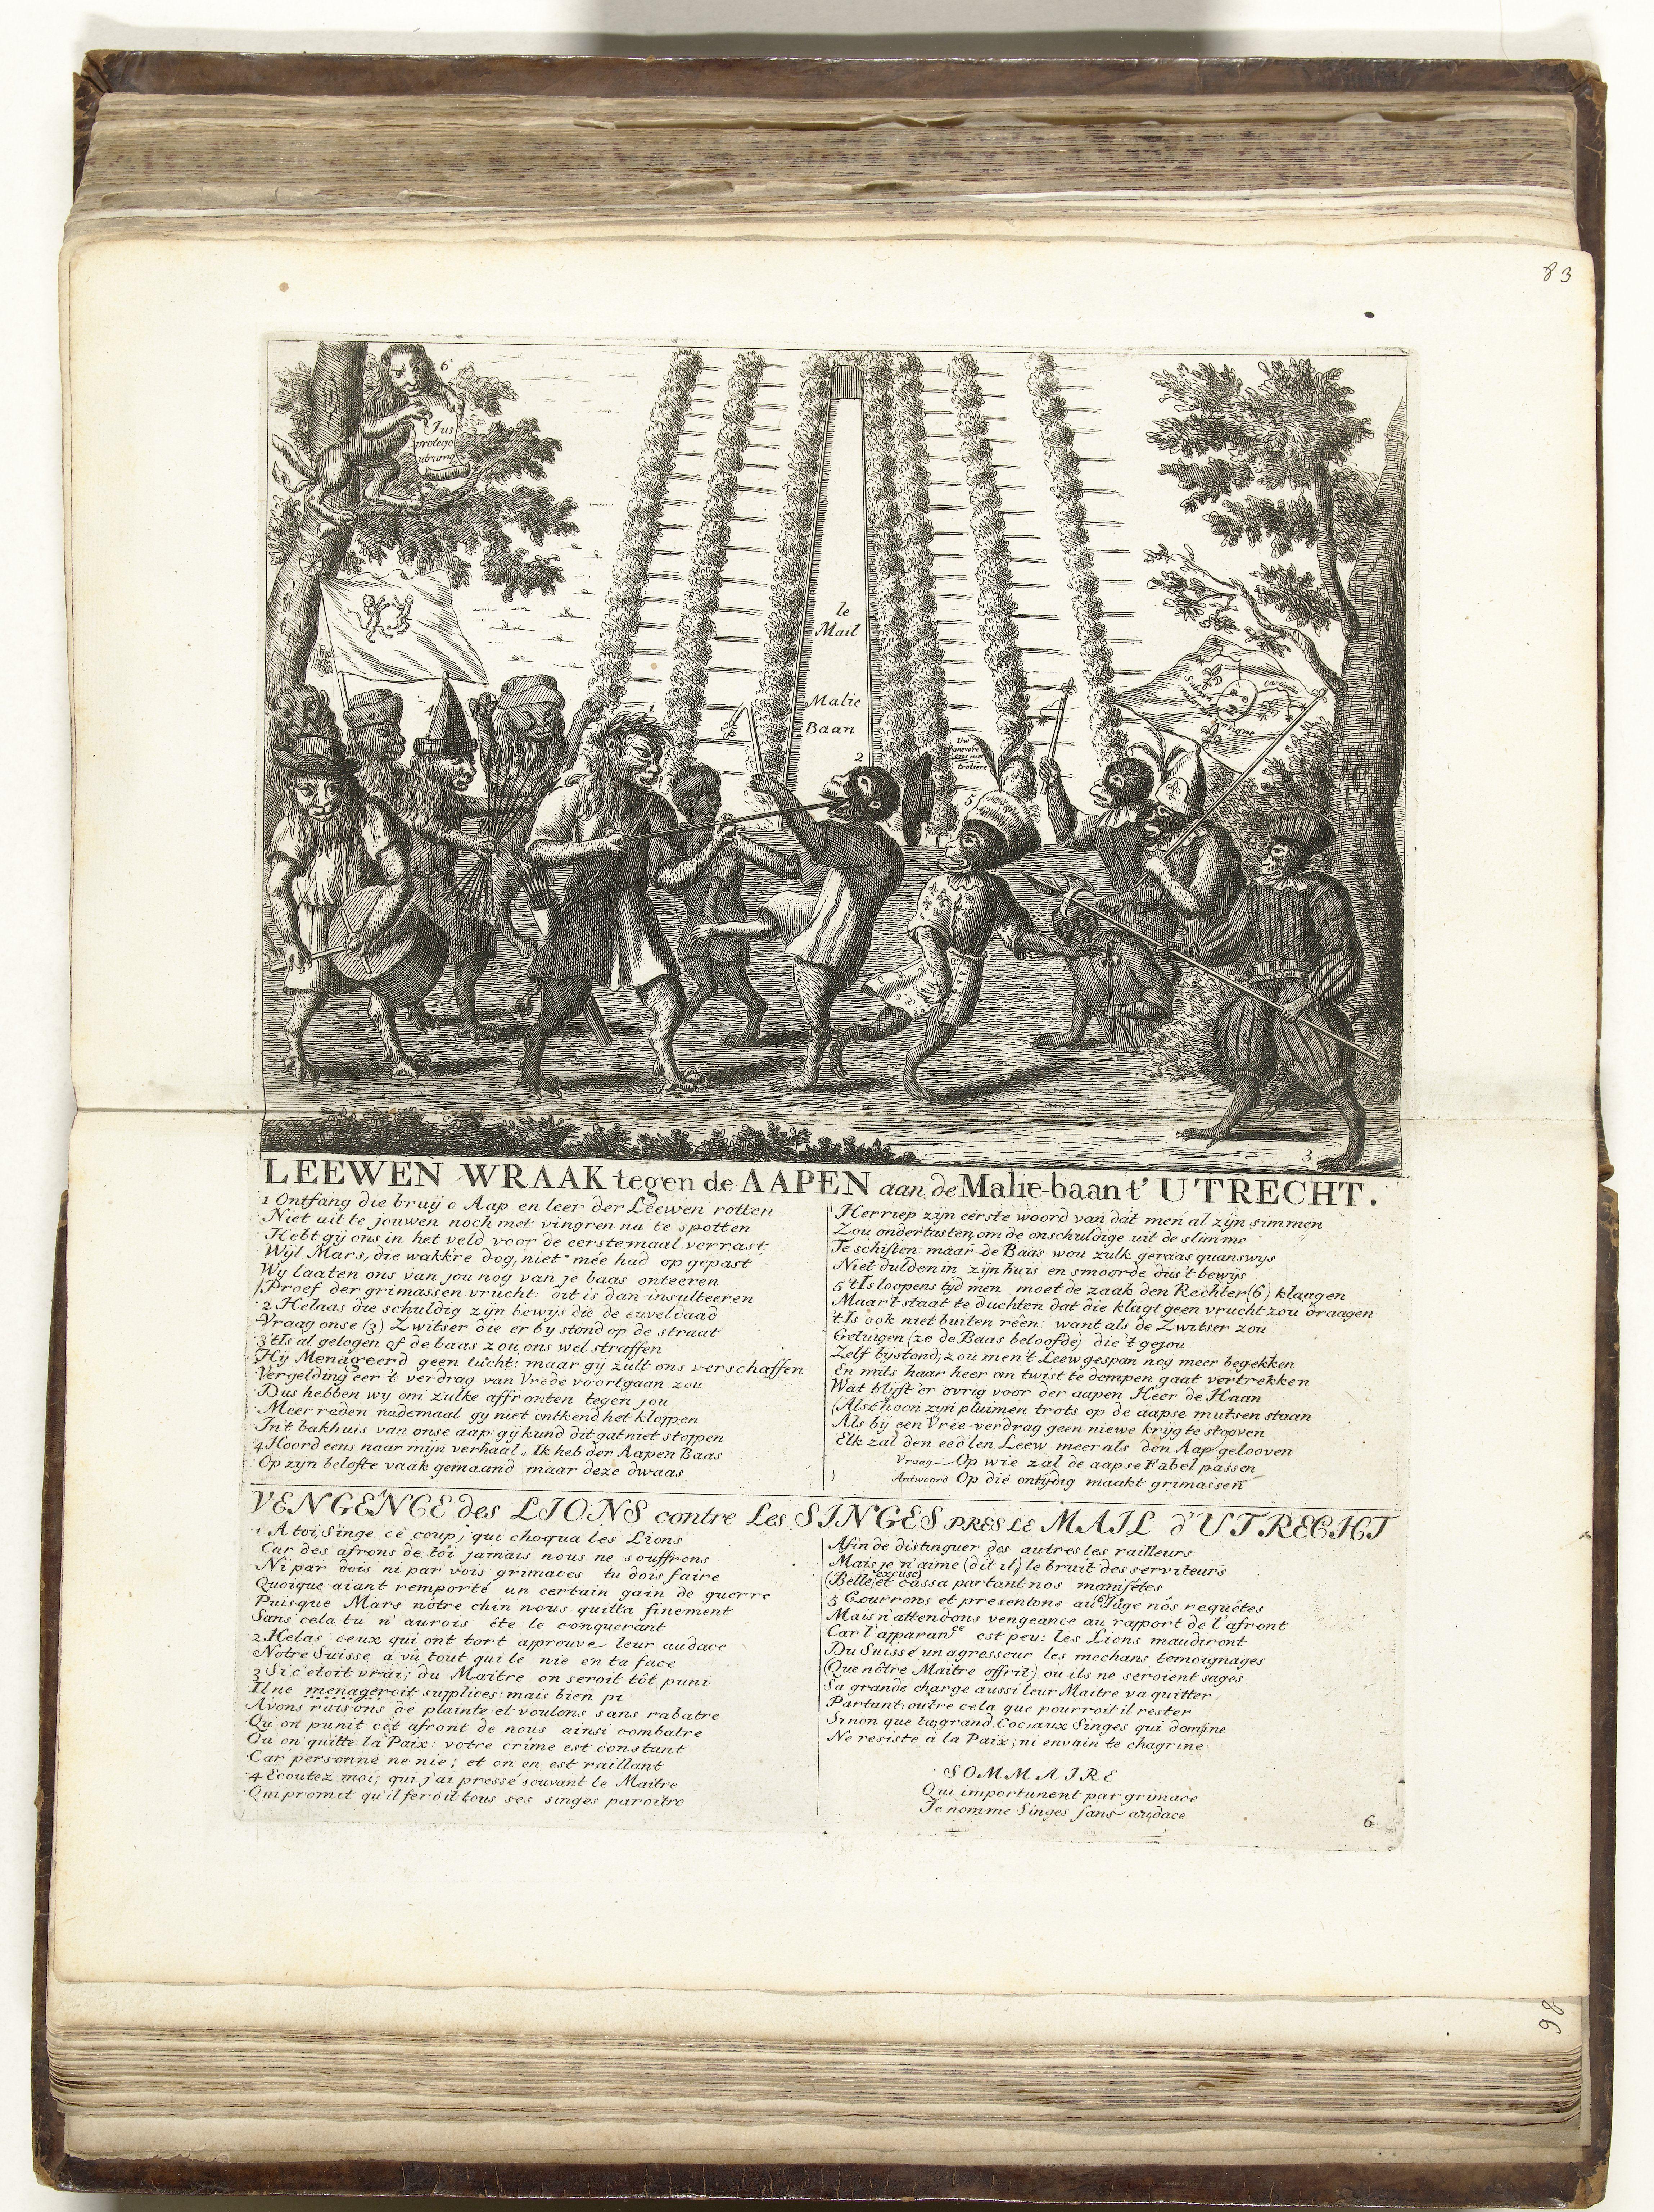 De wraak van de leeuwen tegen de apen op de Maliebaan te Utrecht, Nederland. 1713